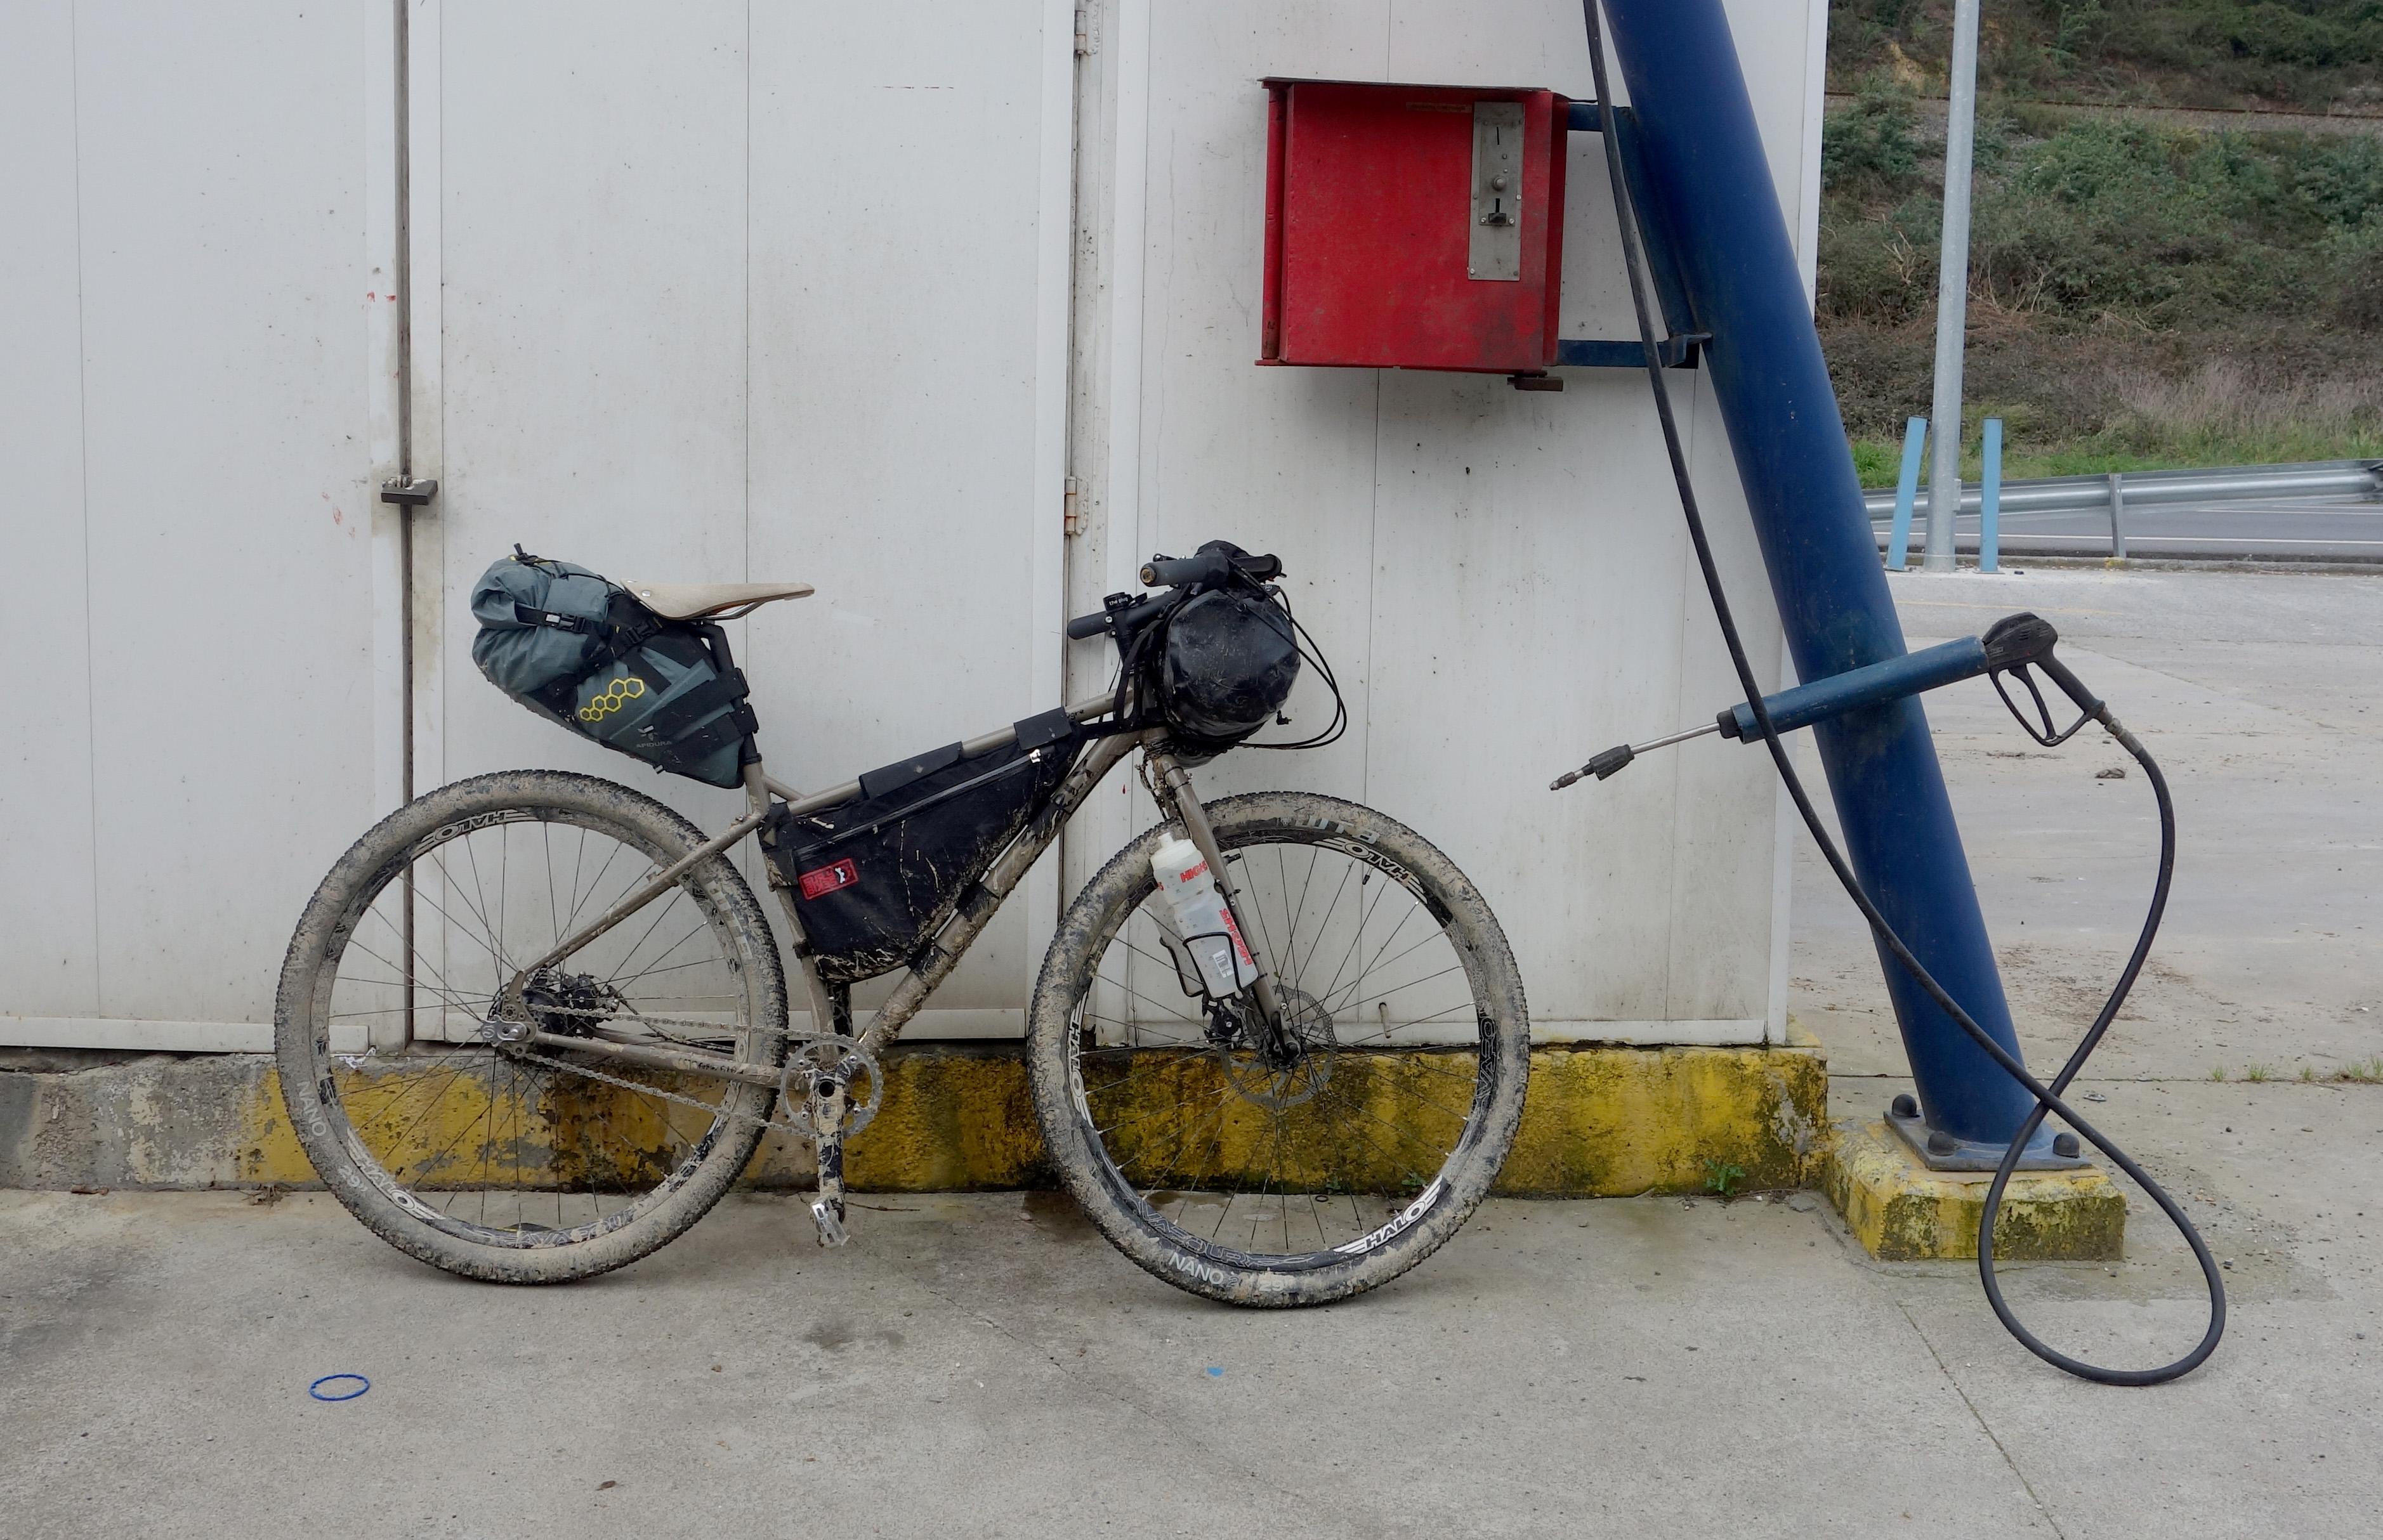 Bike_Wash_Dirty